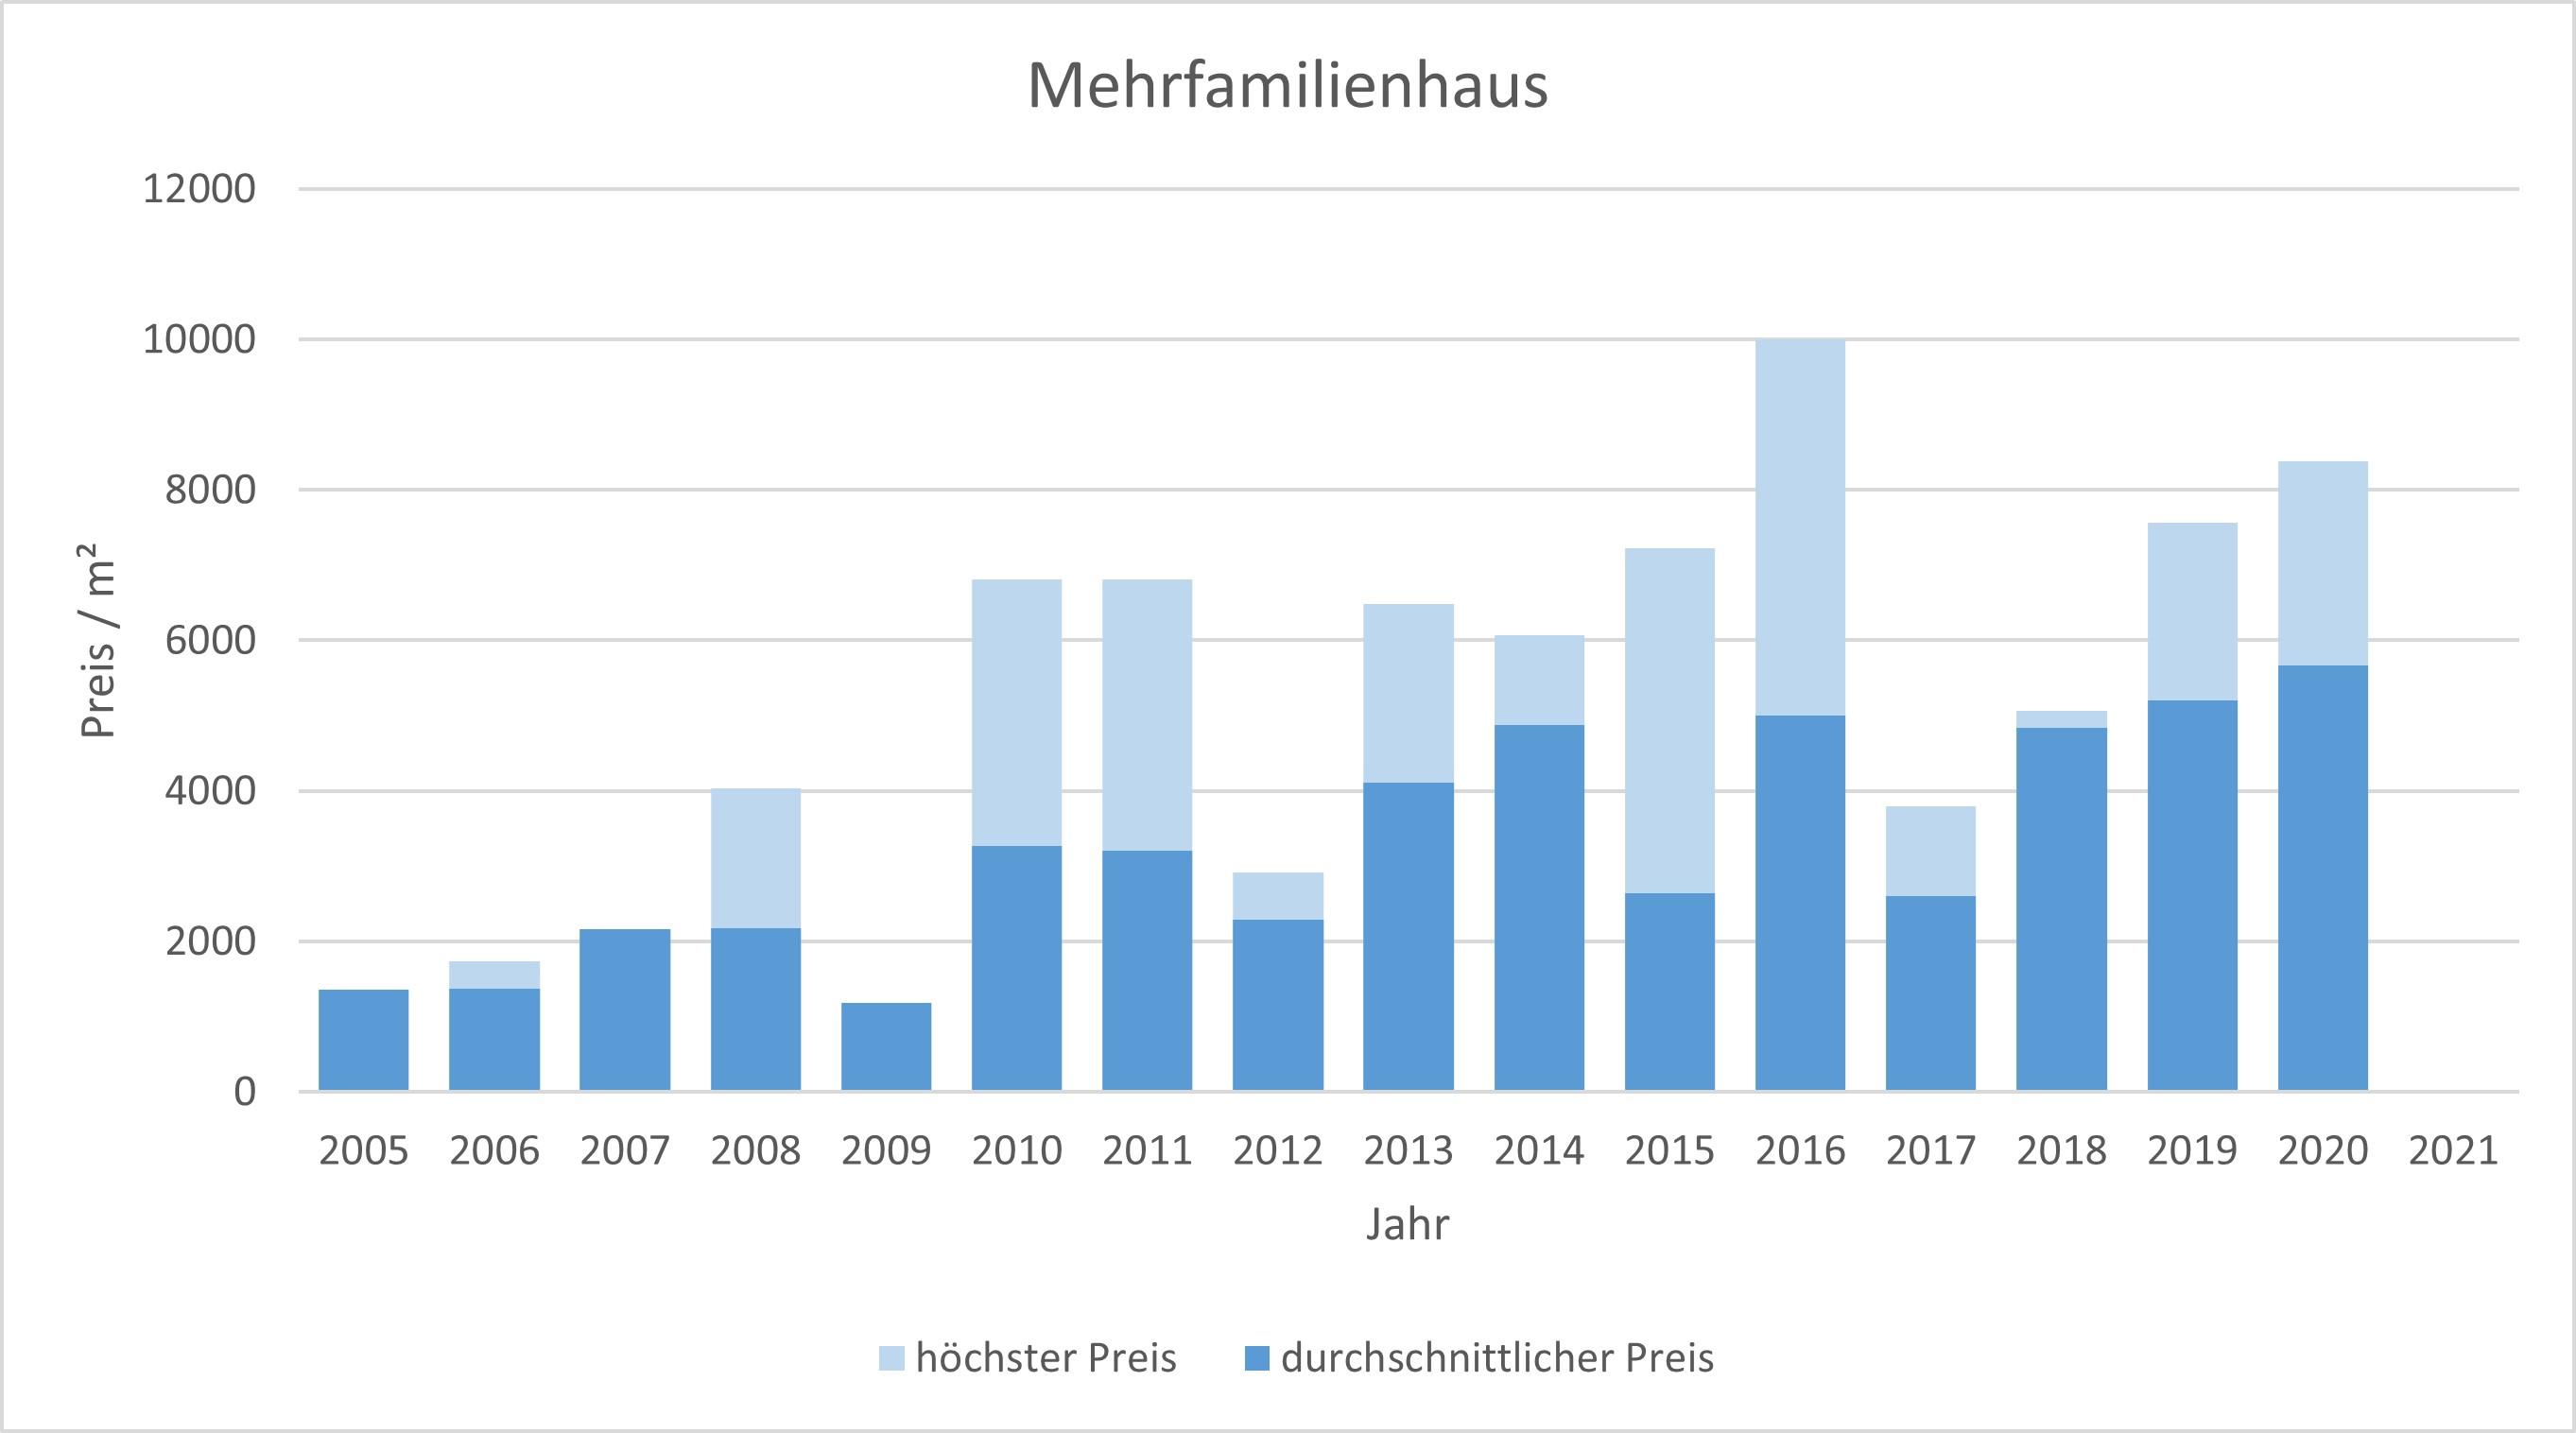 Gmund am Tegernsee Mehrfamilienhaus kaufen verkaufen Preis Bewertung Makler  2019 2020 2021 www.happy-immo.de